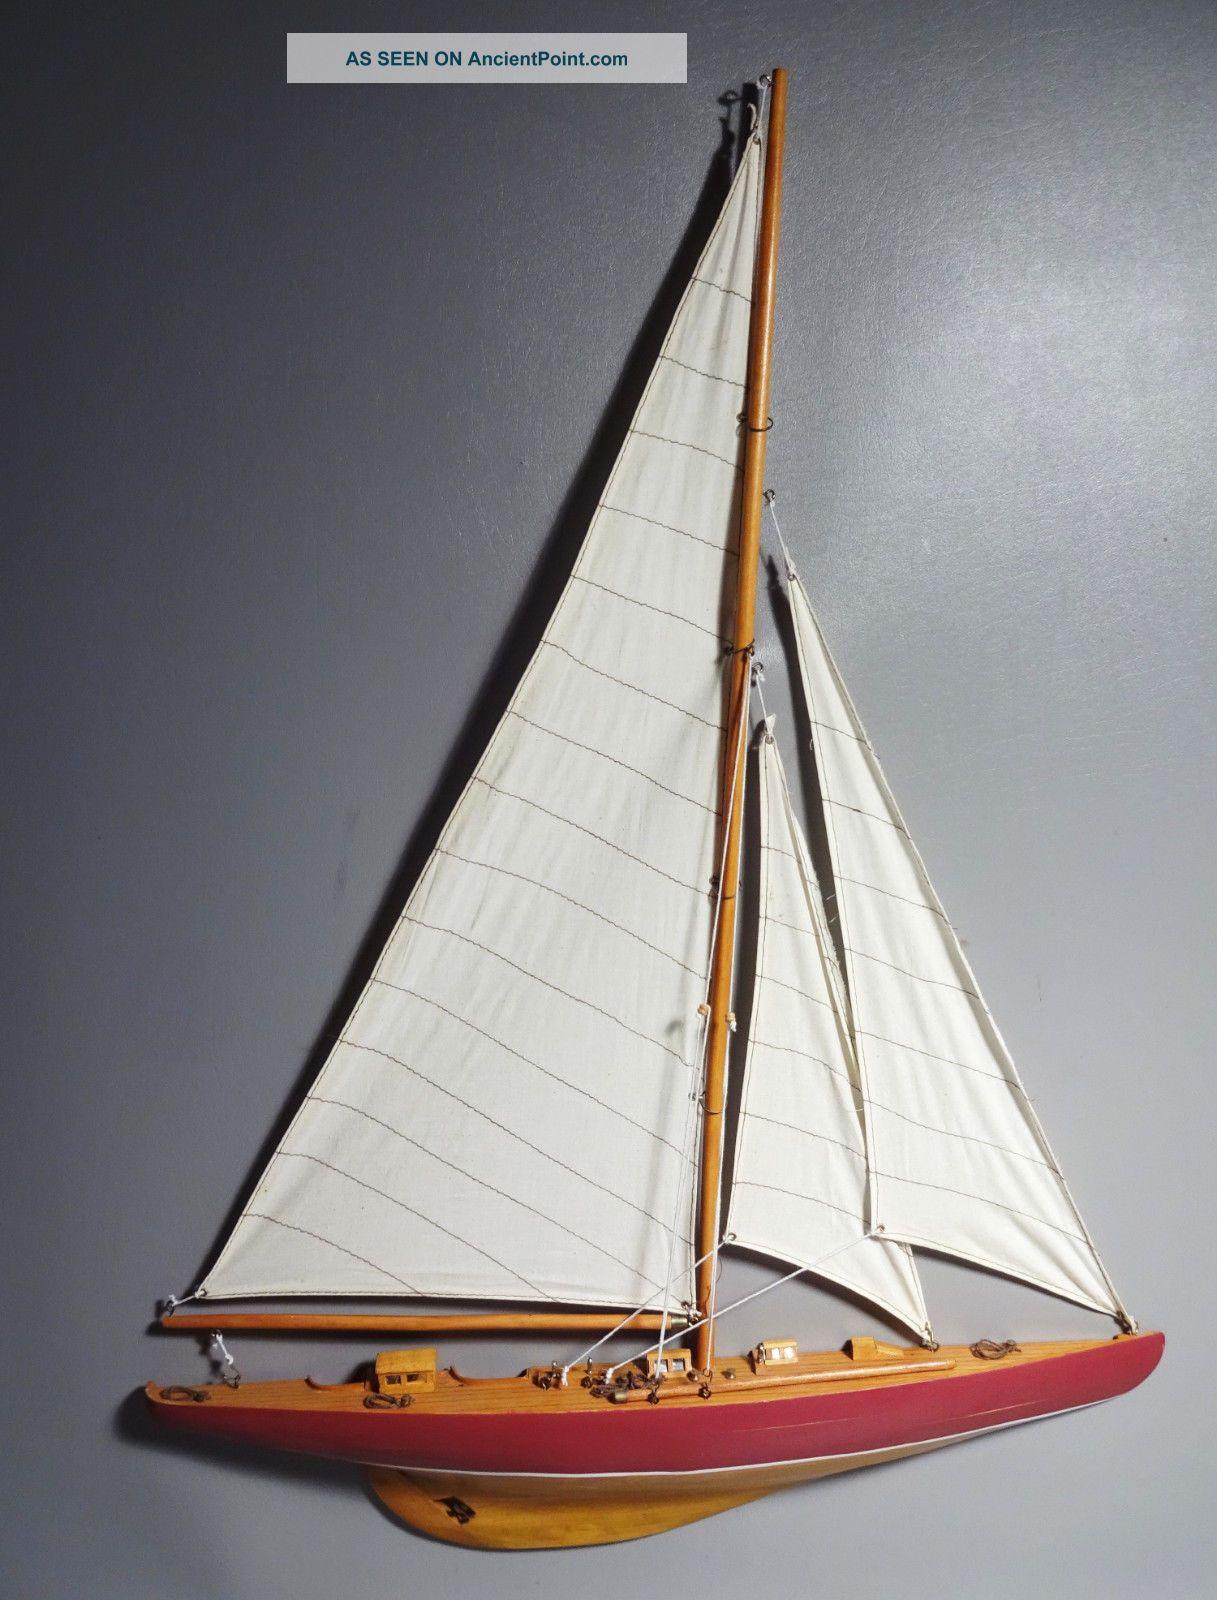 """Half Hull Sailboat Model Fully Assembled 33"""" High Wood Hull Fabric Sails Model Ships photo"""